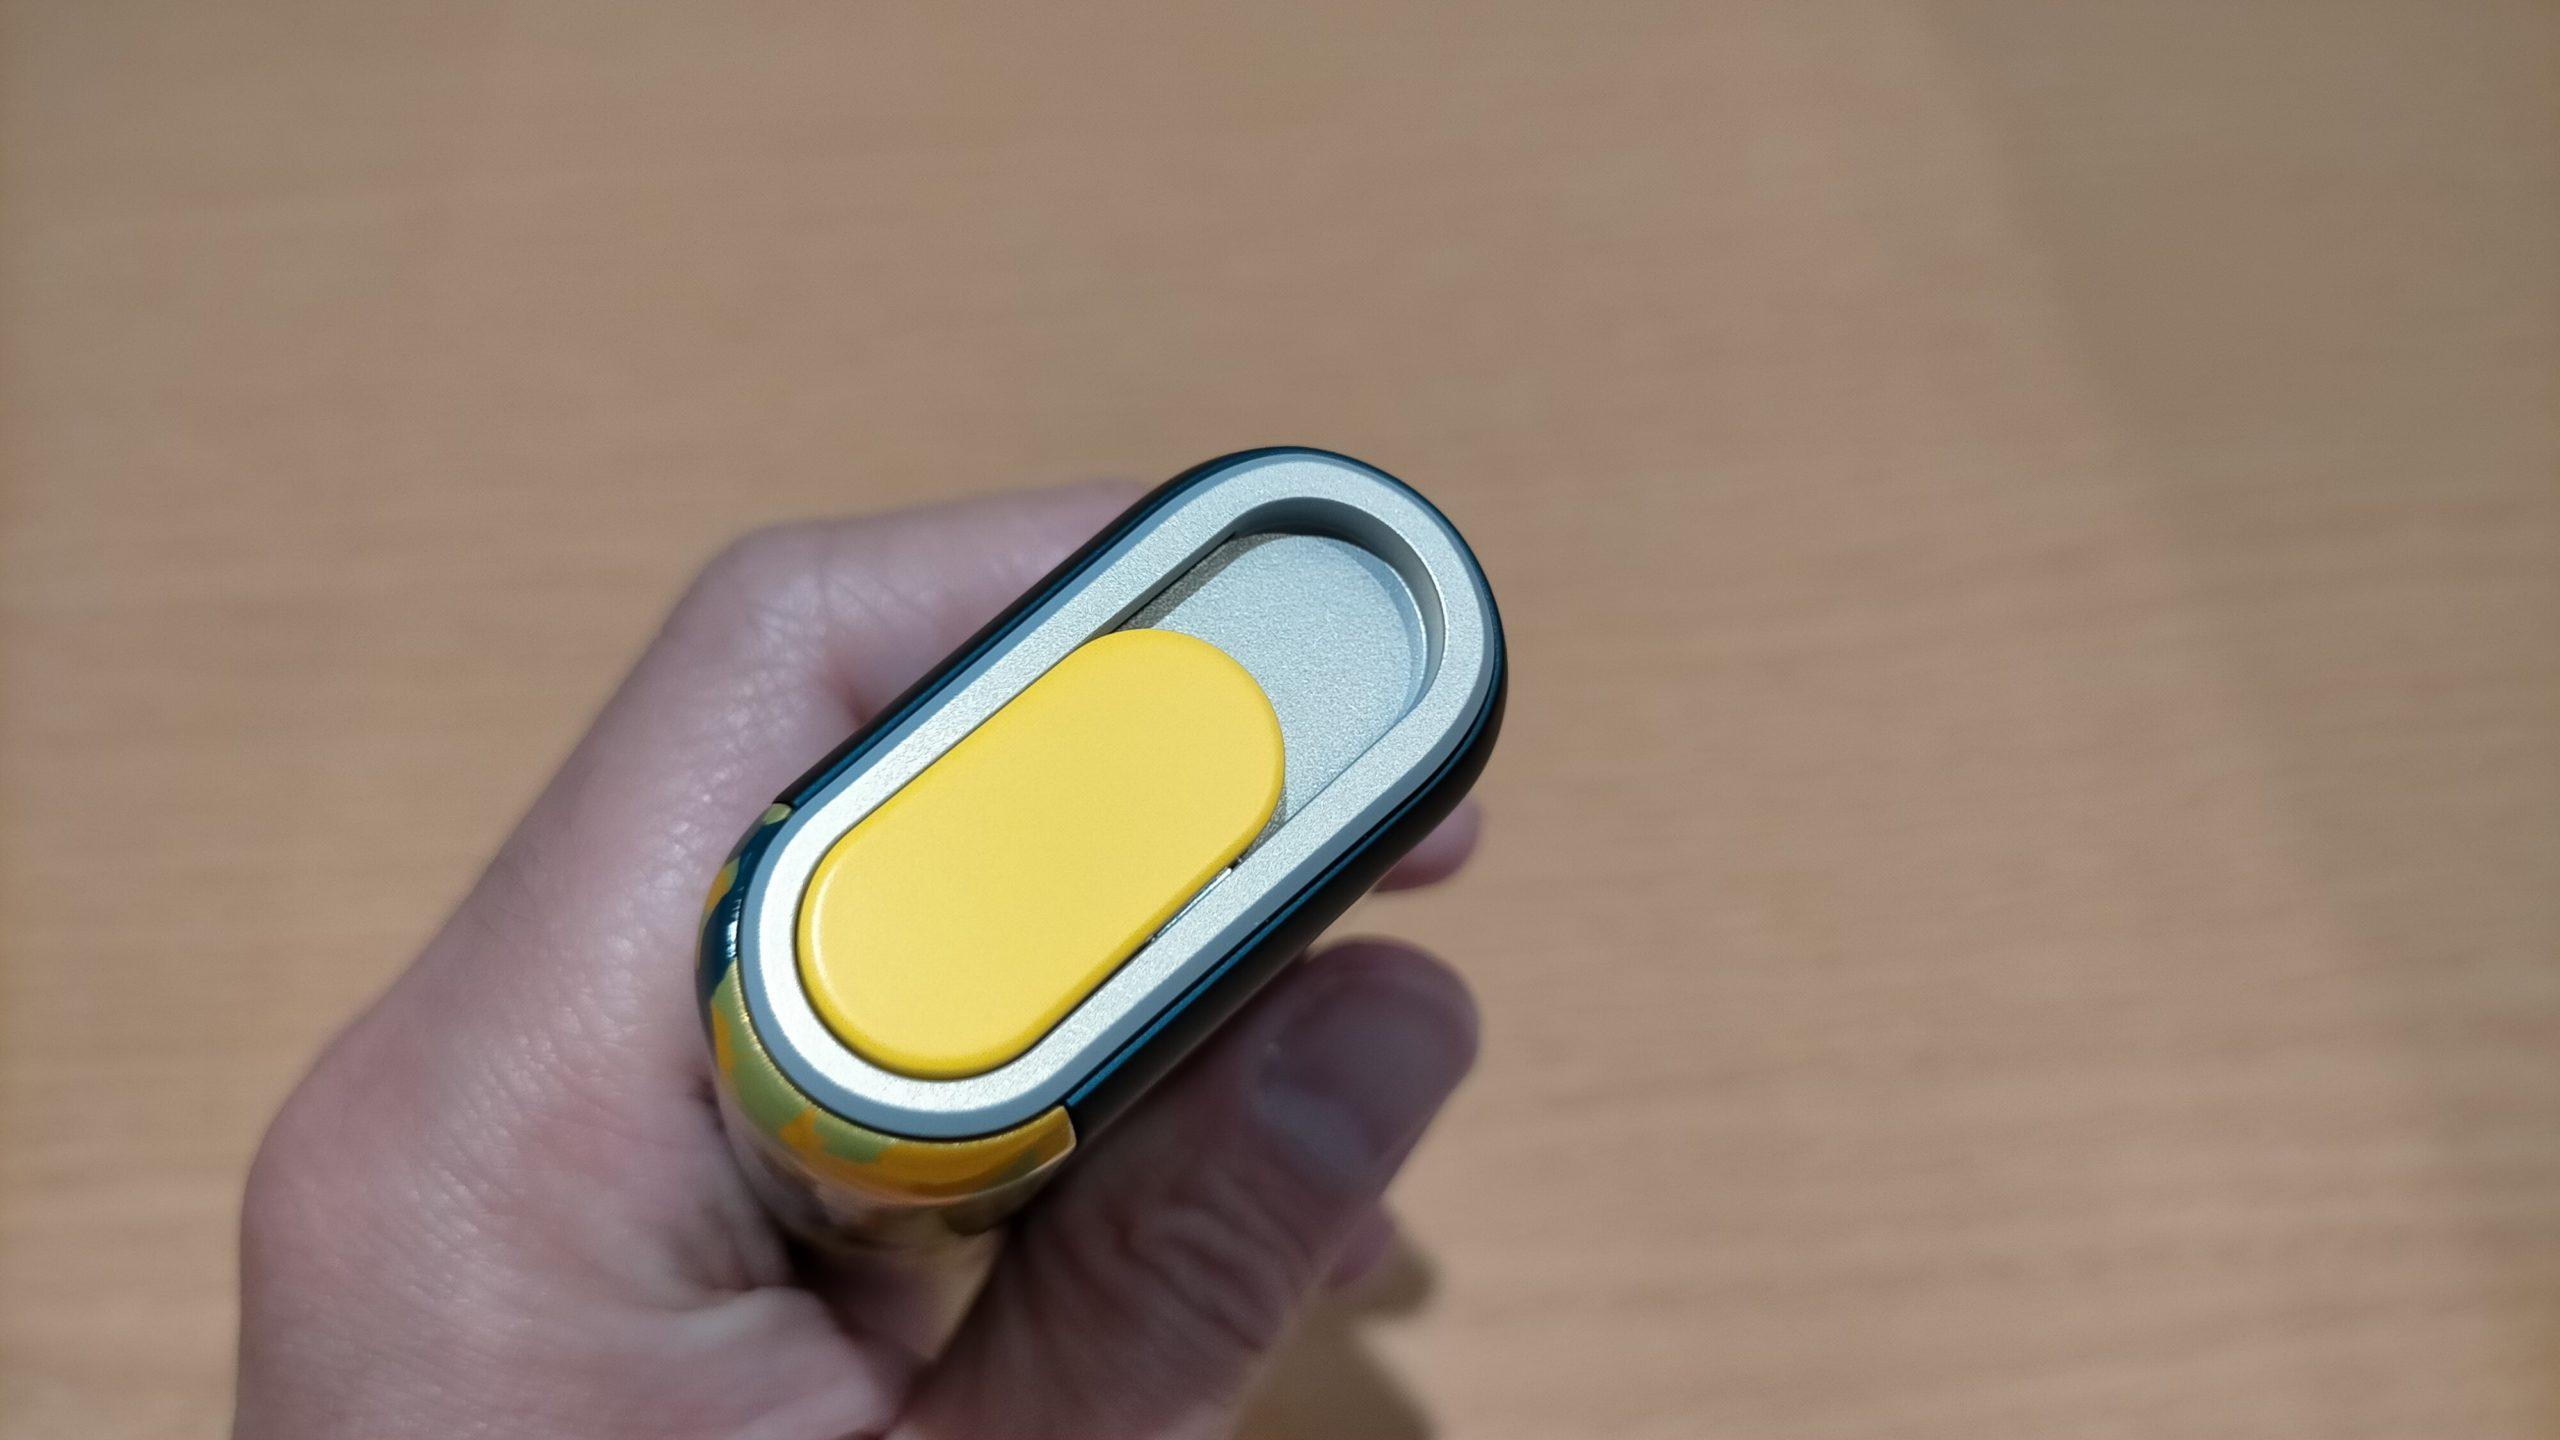 グローハイパープラス限定モデル「ワイルド・エディション」トロピカルトパーズ色